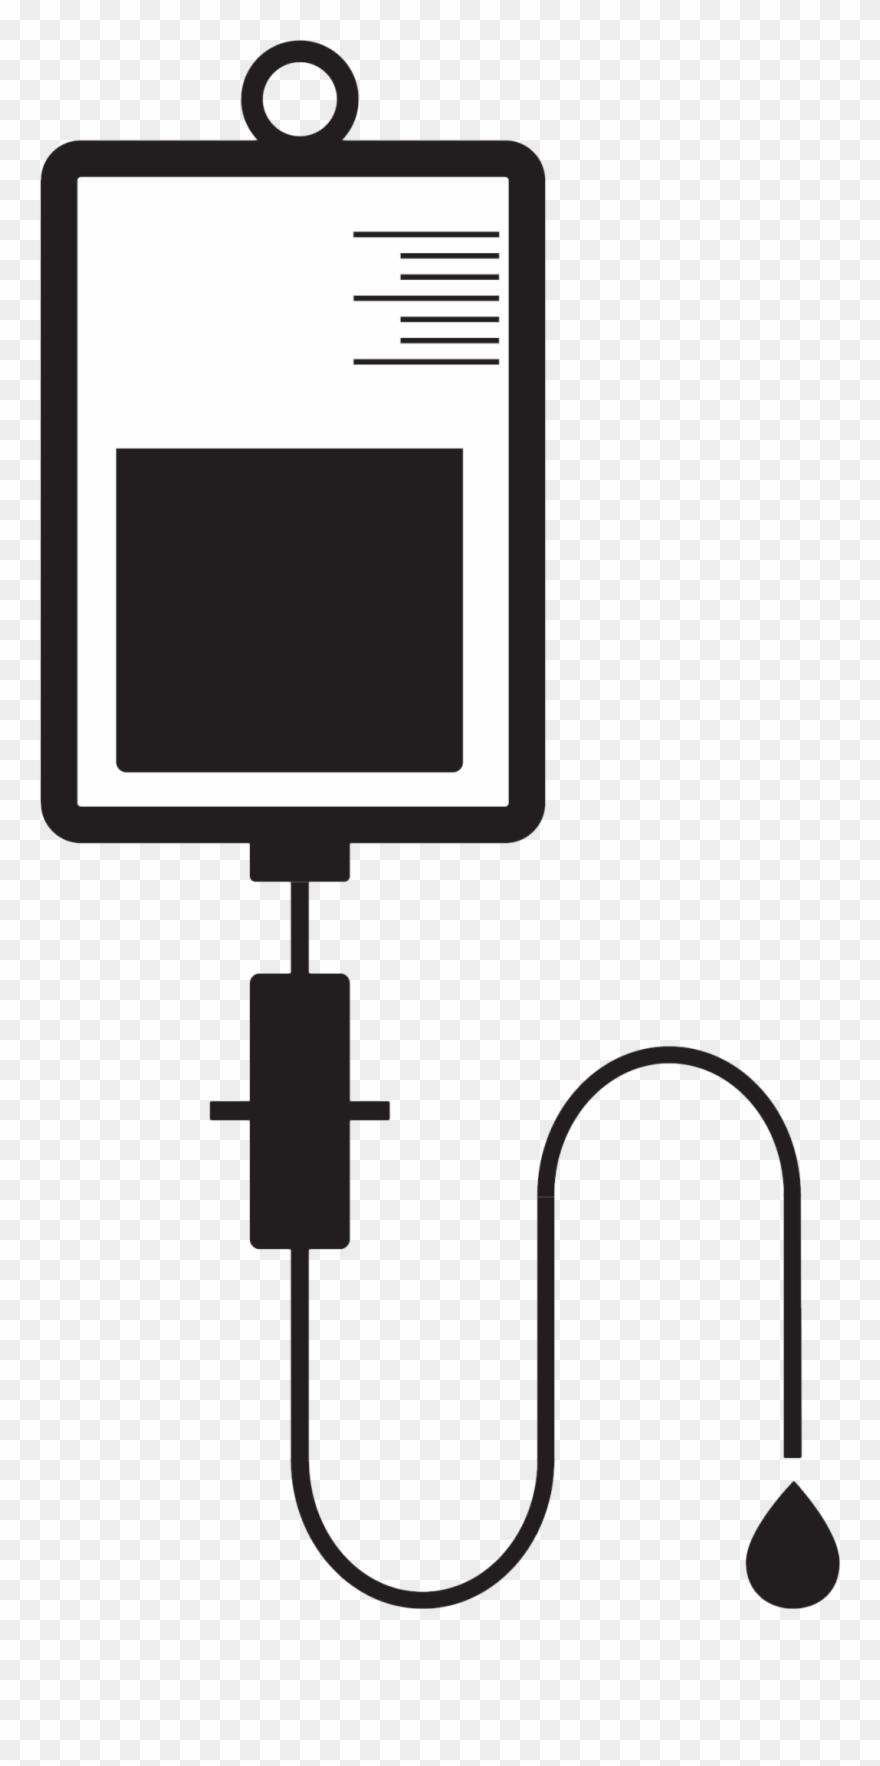 Patient clipart iv infusion, Patient iv infusion Transparent.